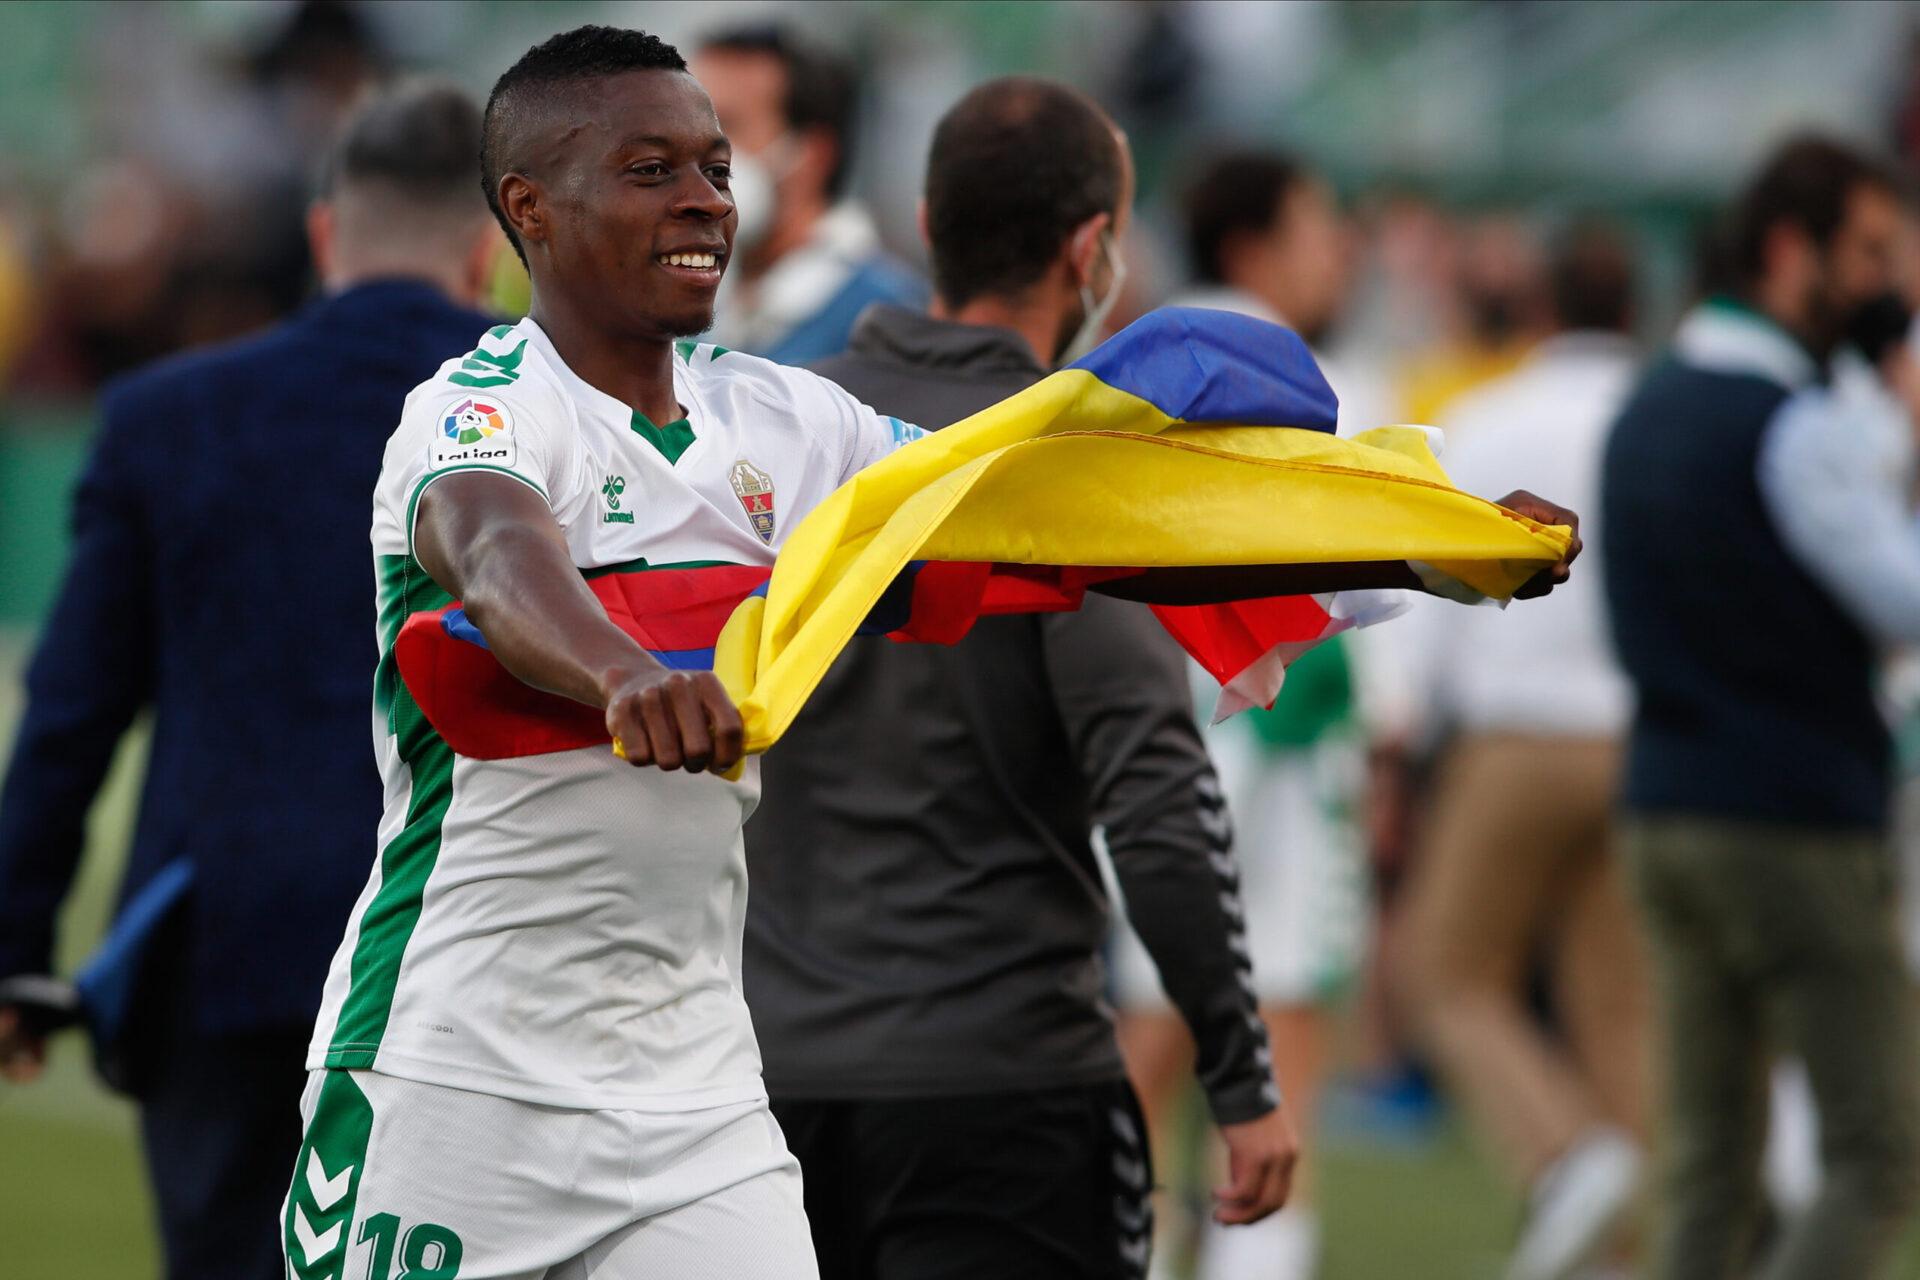 Nouveau prêt pour Youssouf Koné, après Elche et Hatayspor, le latéral gauche rejoint Troyes (iconsport)